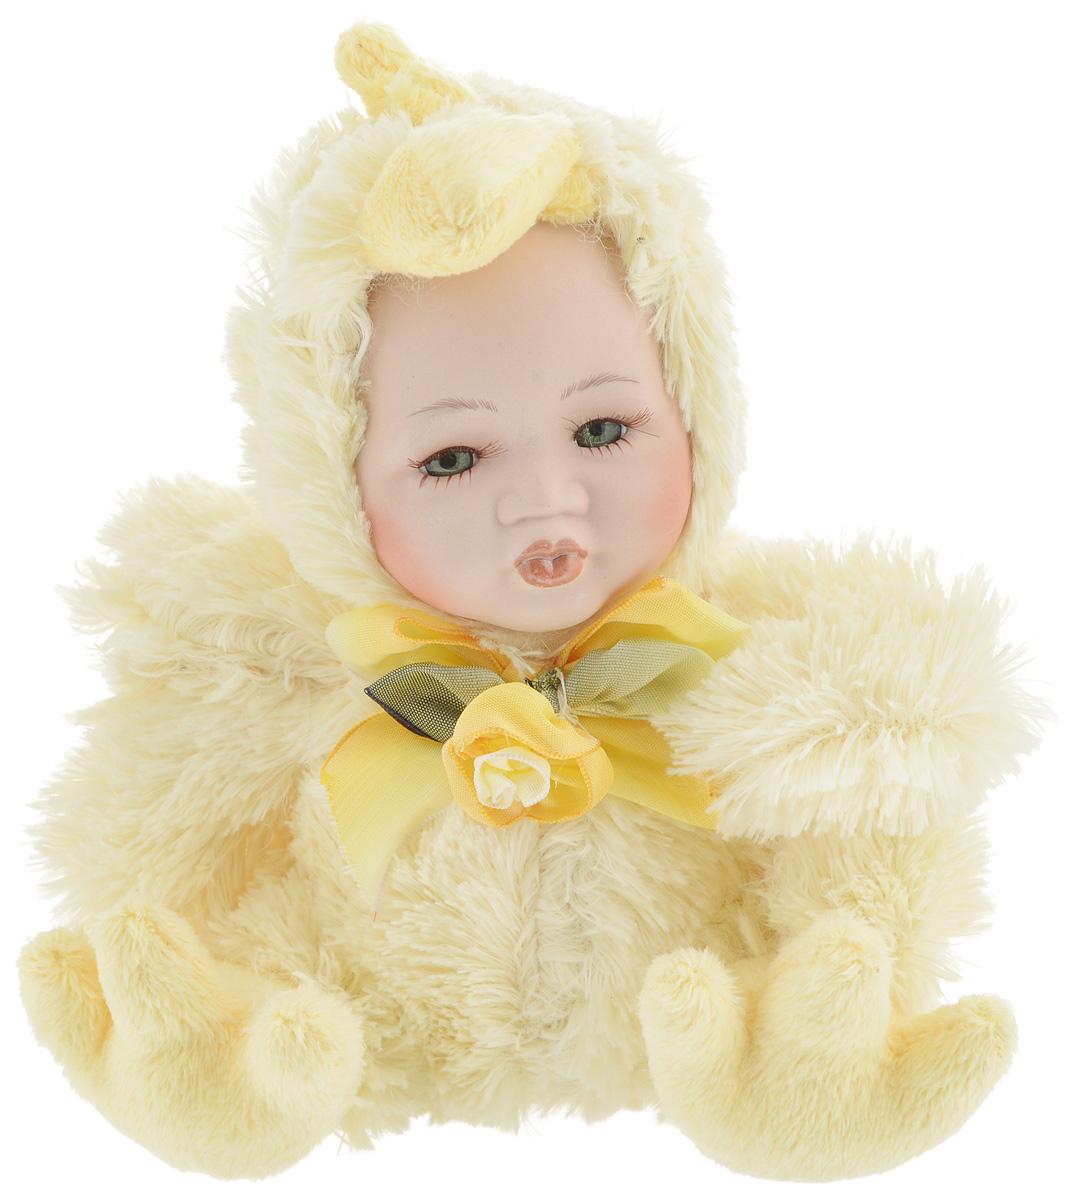 Фигурка ESTRO Ребенок в костюме цыпленка, цвет: желтый, высота 17 смC21-108053Декоративная фигурка Ребенок в костюме цыпленка изготовлена из высококачественных материалов в оригинальном стиле. Фигурка выполнена в виде ребенка в костюме цыпленка.Уютнаяи милая интерьерная игрушка предназначена для взрослых и детей, для игр и украшения новогодней елки, да и просто, для создания праздничной атмосферыв интерьере! Фигурка прекрасно украсит ваш дом к празднику, а в остальные дни с ней с удовольствием будут играть дети. Оригинальный дизайн и красочное исполнение создадут праздничное настроение. Фигурка создана вручную, неповторима и оригинальна. Порадуйте своих друзей и близких этим замечательным подарком!